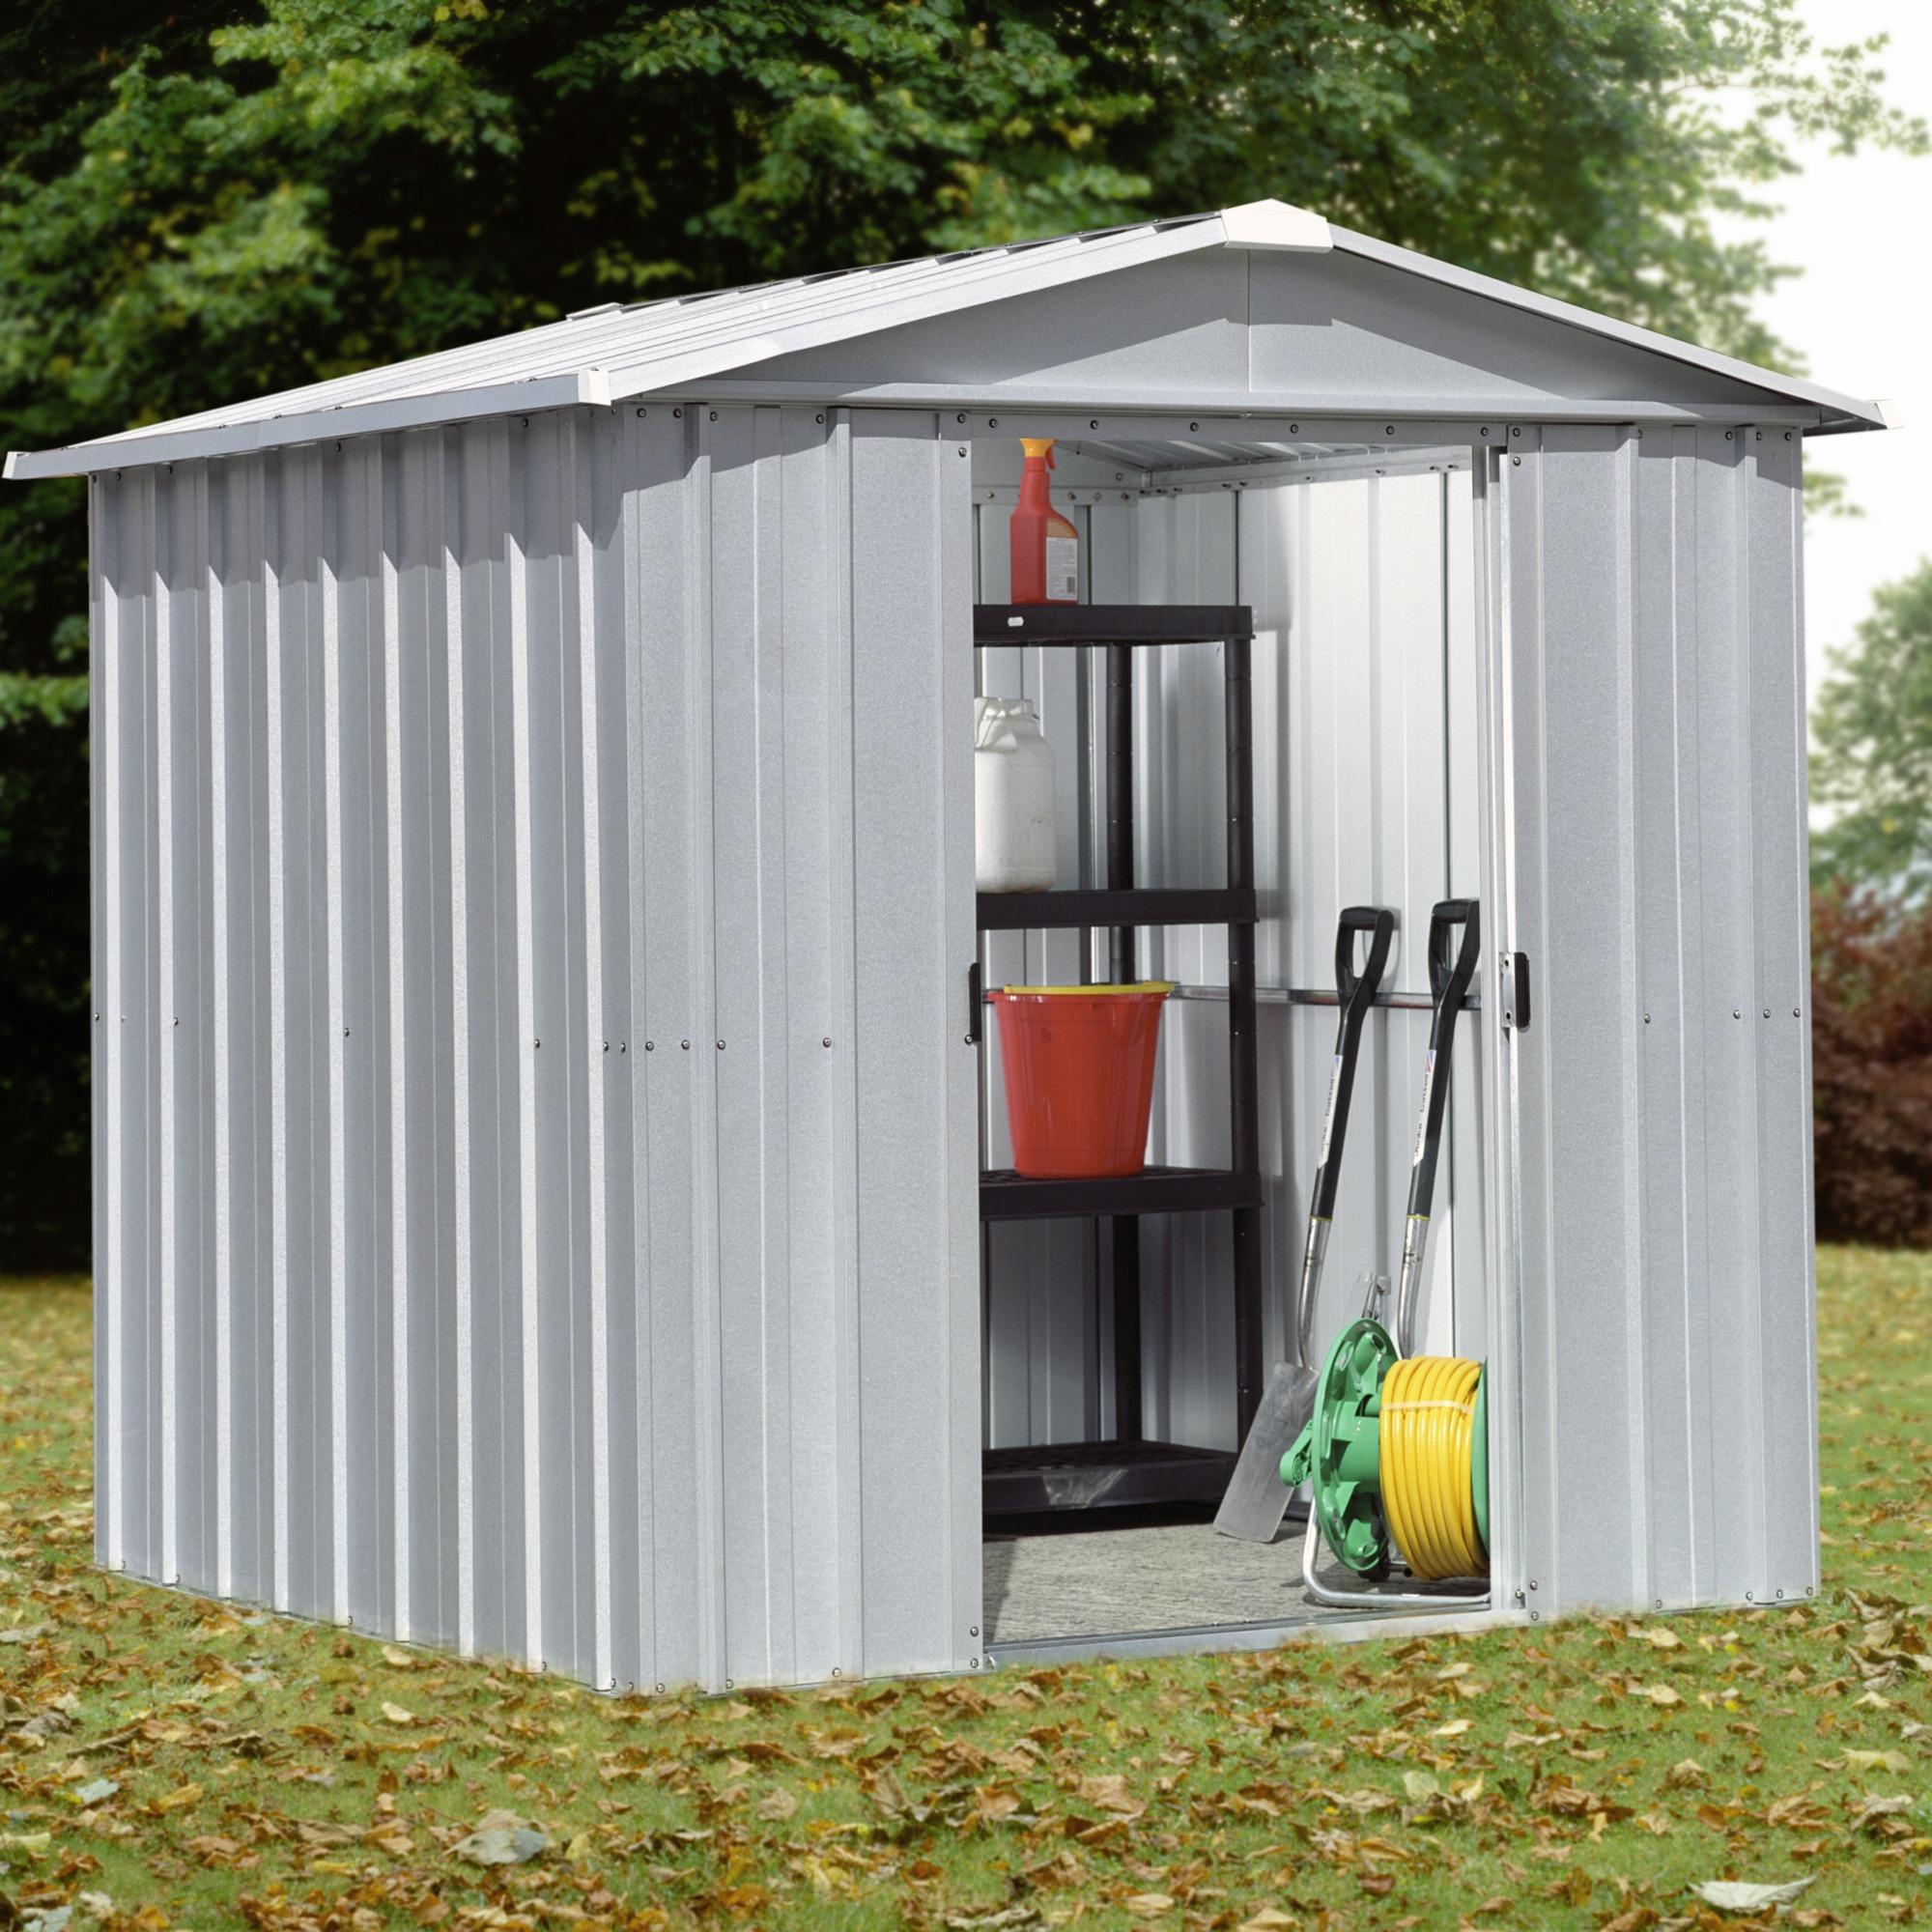 Abri de jardin en acier galvanis deluxe apex 65 cabanes for Abri de jardin acier